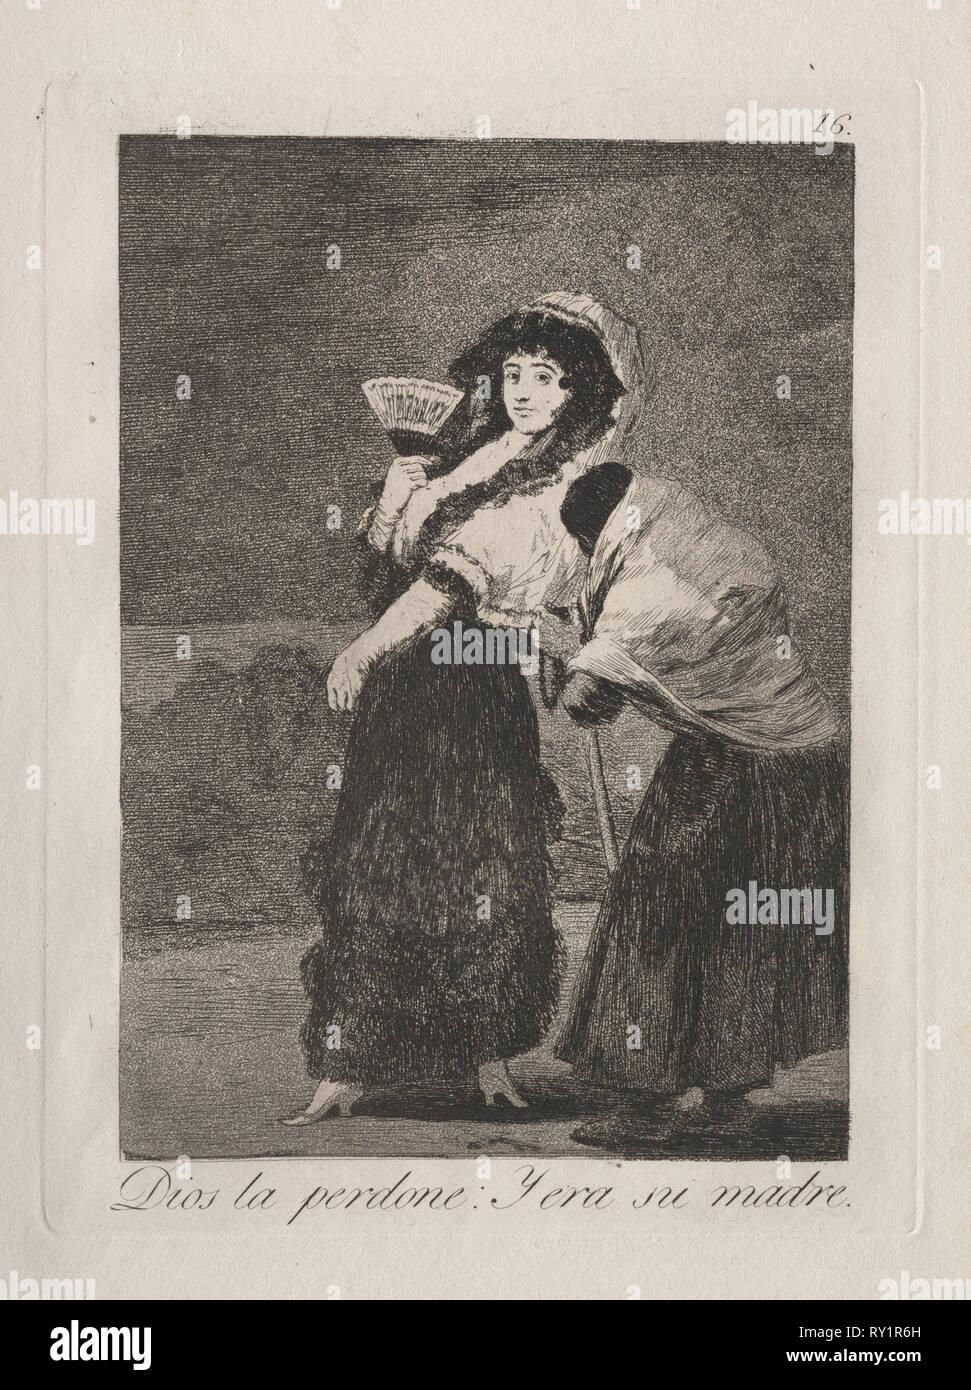 Caprichos: per l'amor del cielo: e fu la madre.. Francisco de Goya (Spagnolo, 1746-1828). Incisione e la puntasecca Immagini Stock